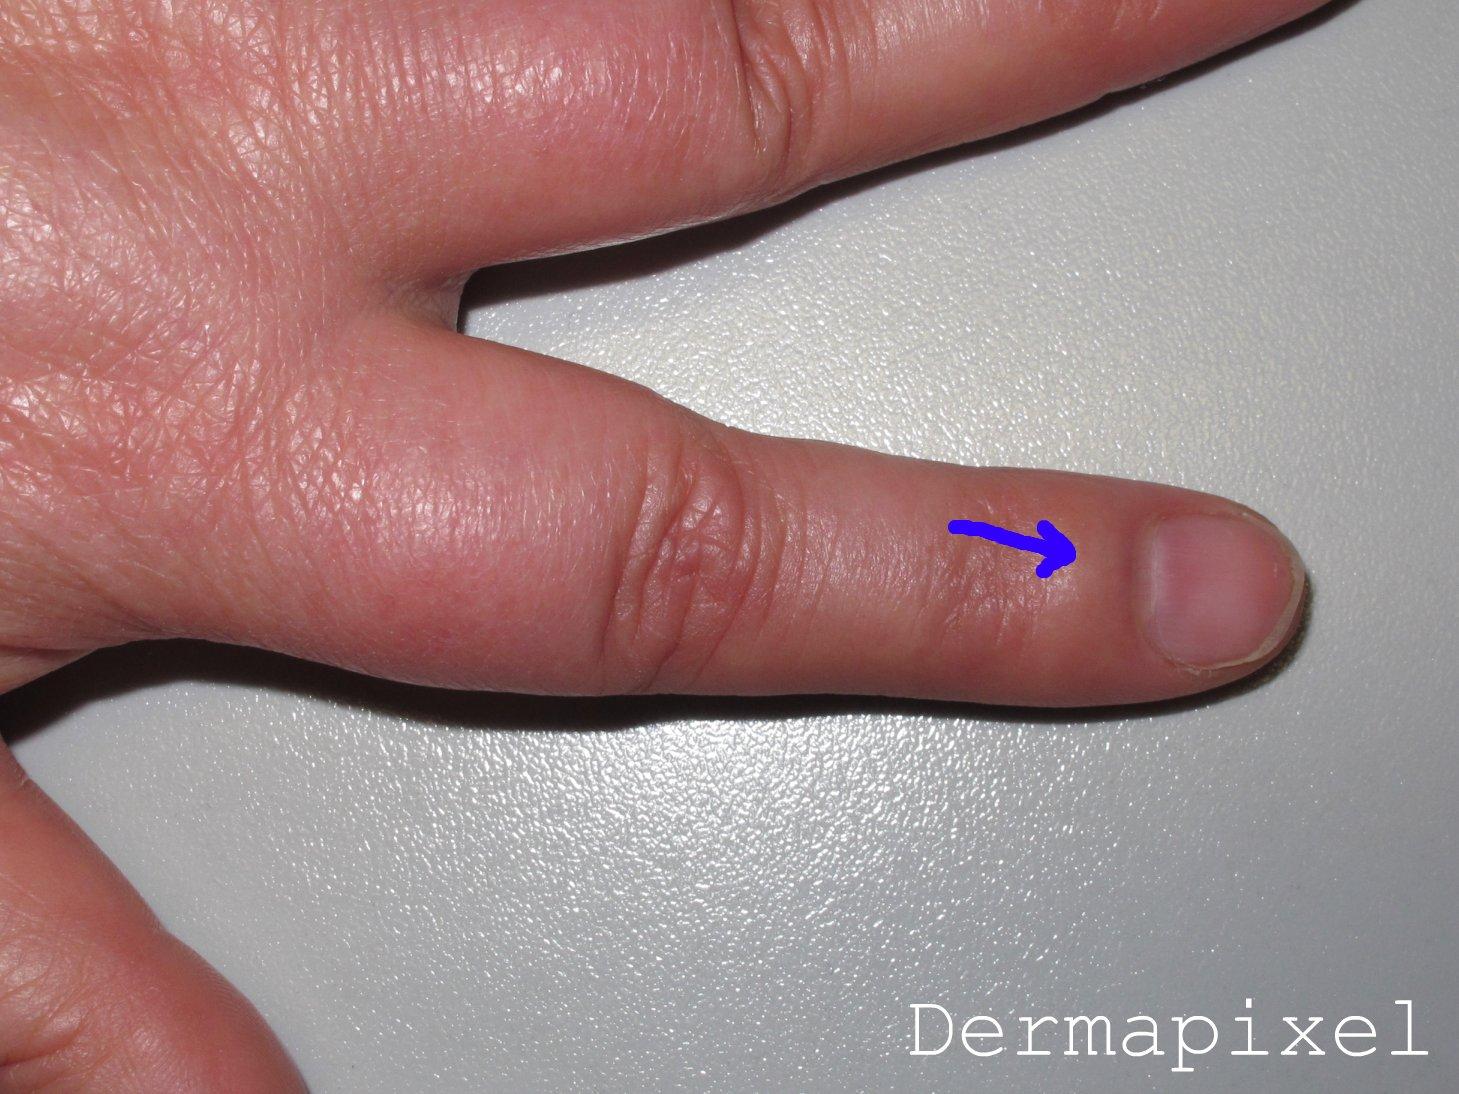 Dermapixel: Me duele la uña (y no se ve nada). I Concurso Dermapixel